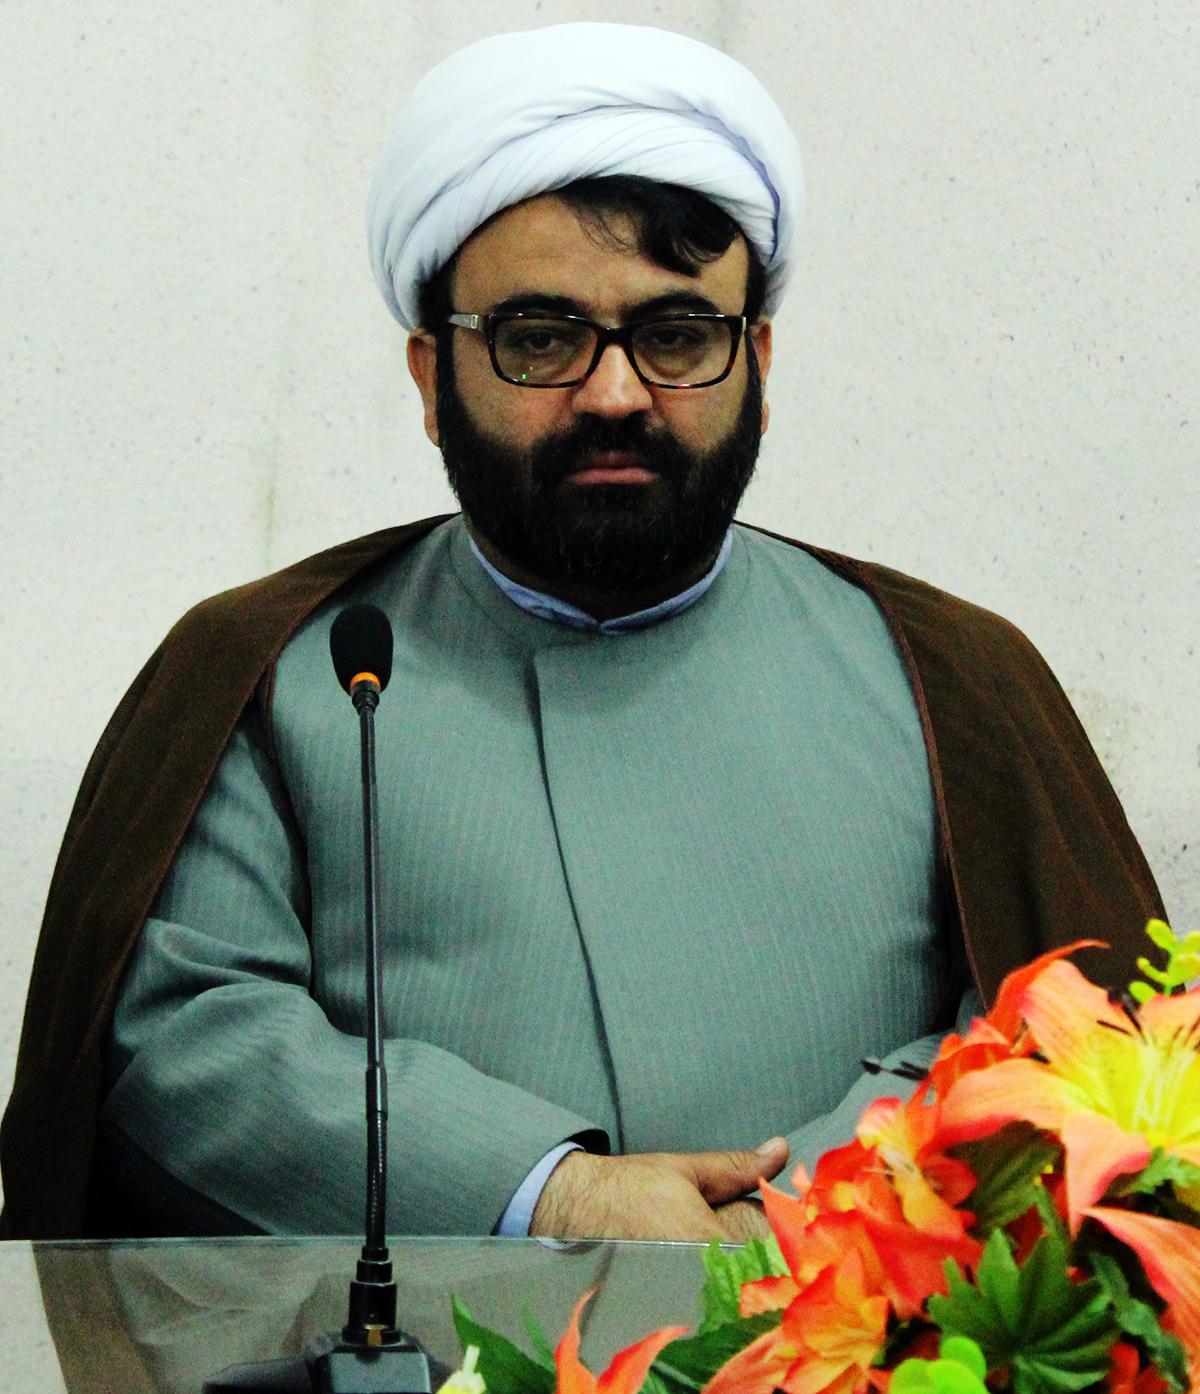 تصویر از انتقاد شدید رئیس اداره تبلیغات اسلامی قشم به تداخل جلسات با وقت نماز